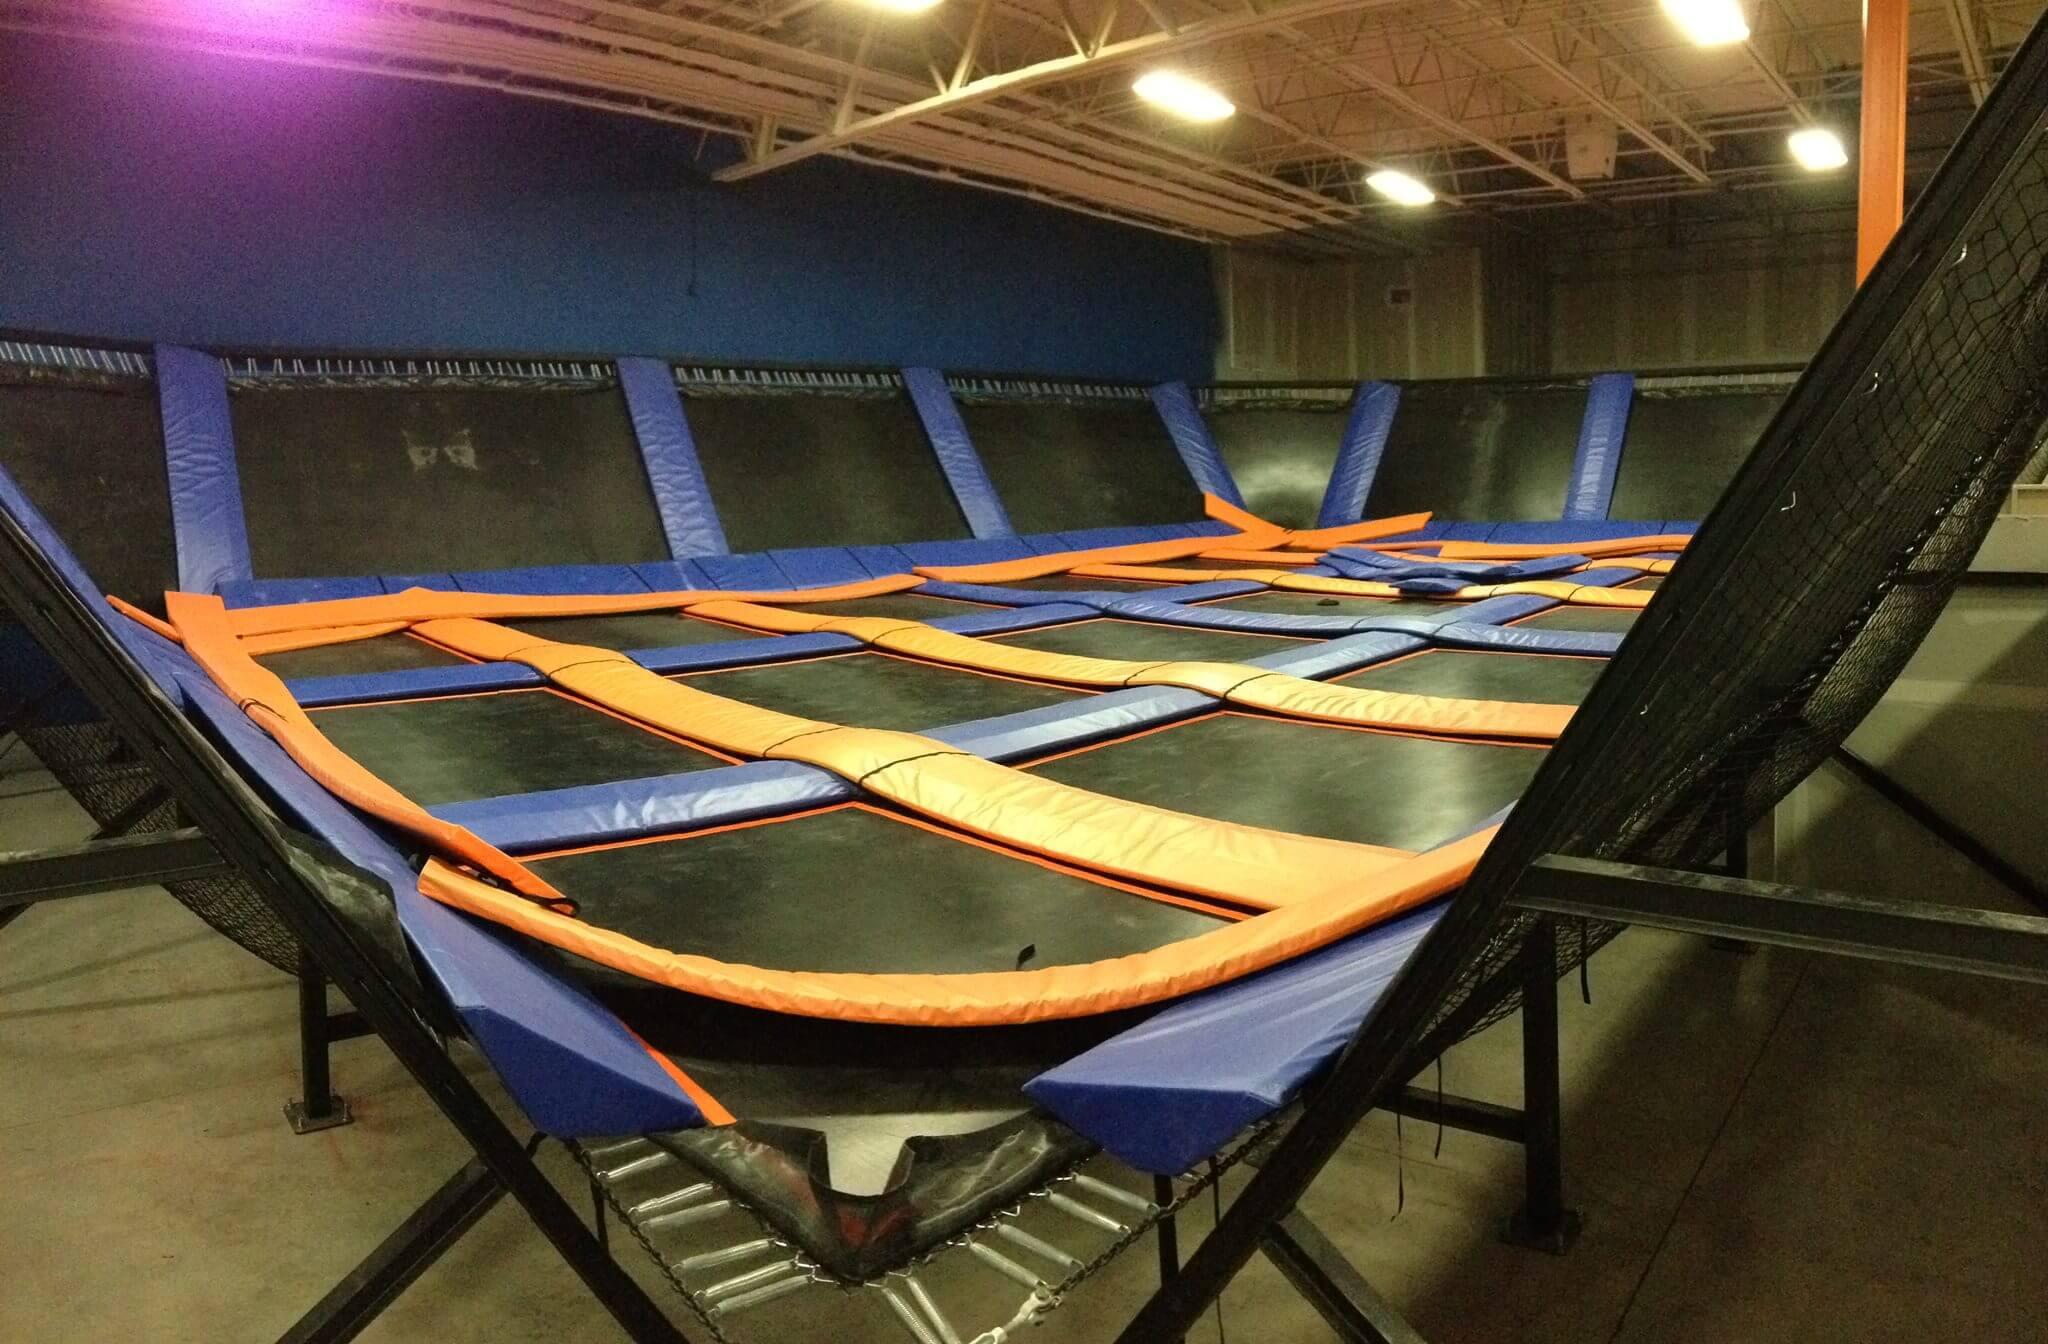 Skyzone Richmond trampoline park